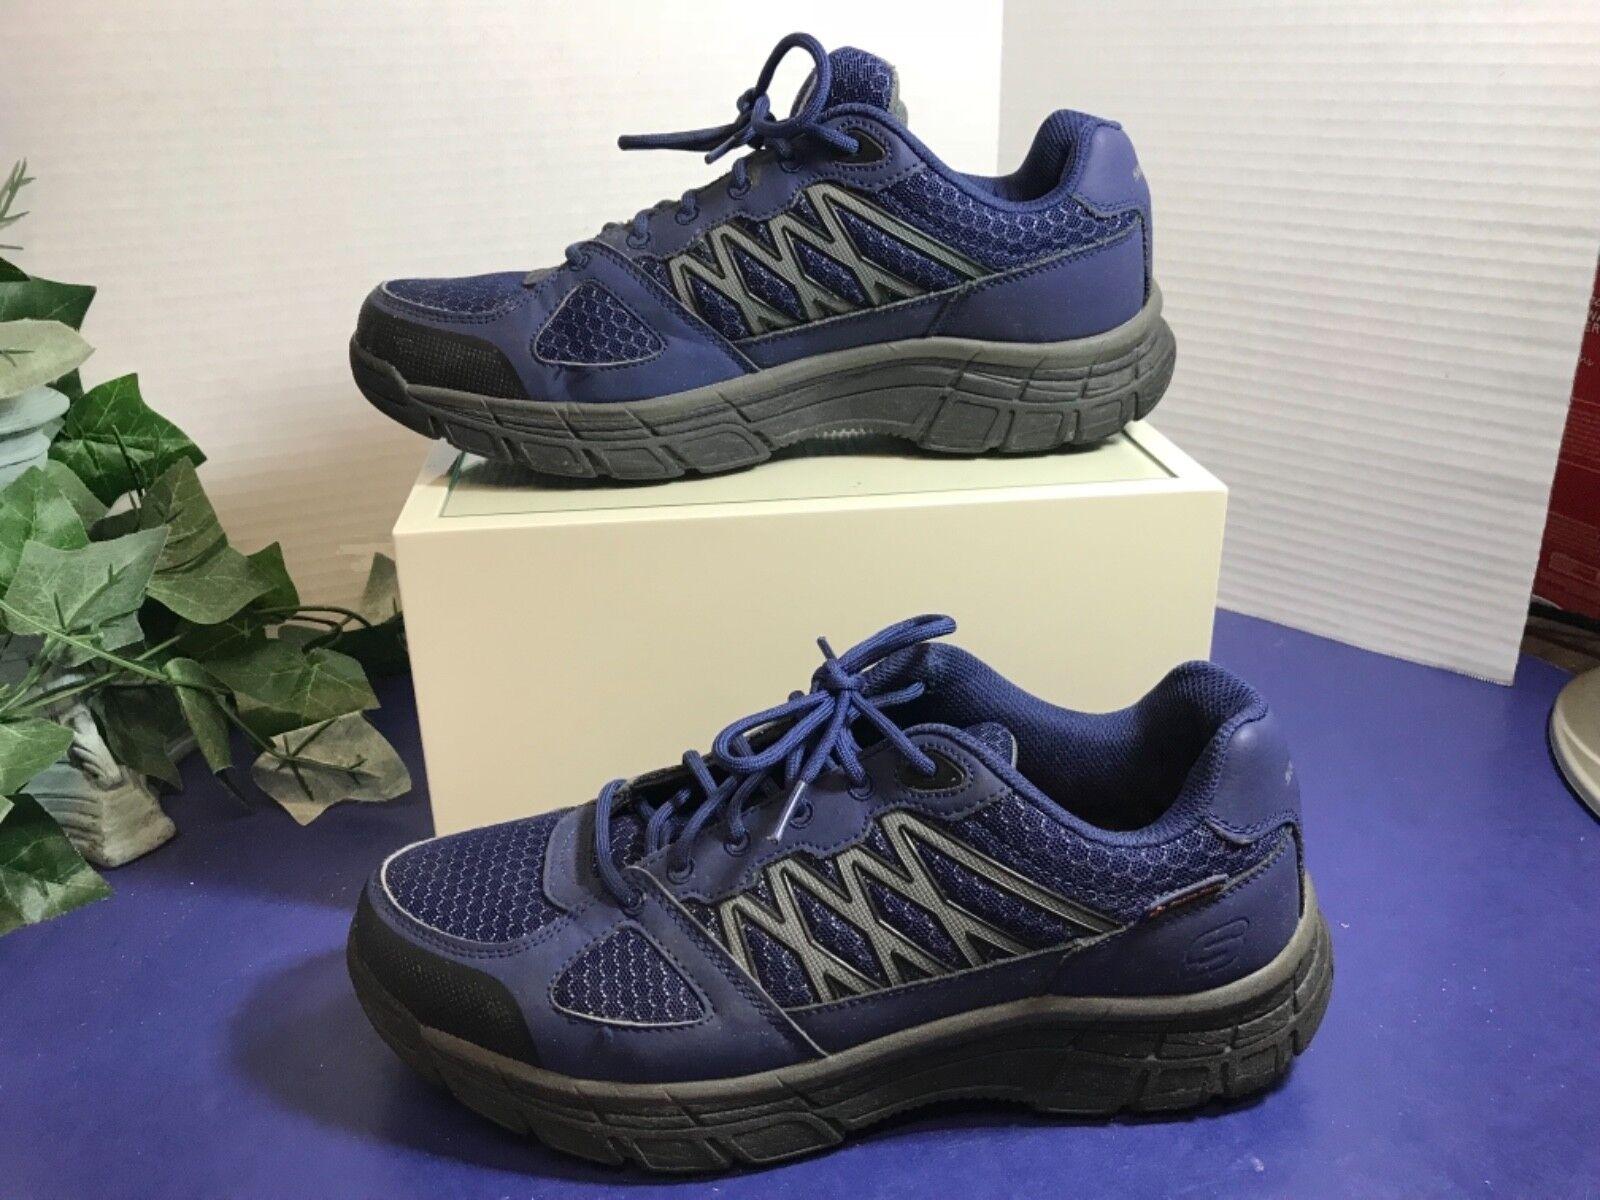 b69688b7b Skechers size 9 Sneaker Men s nnwicn4376-Athletic Shoes - boots ...